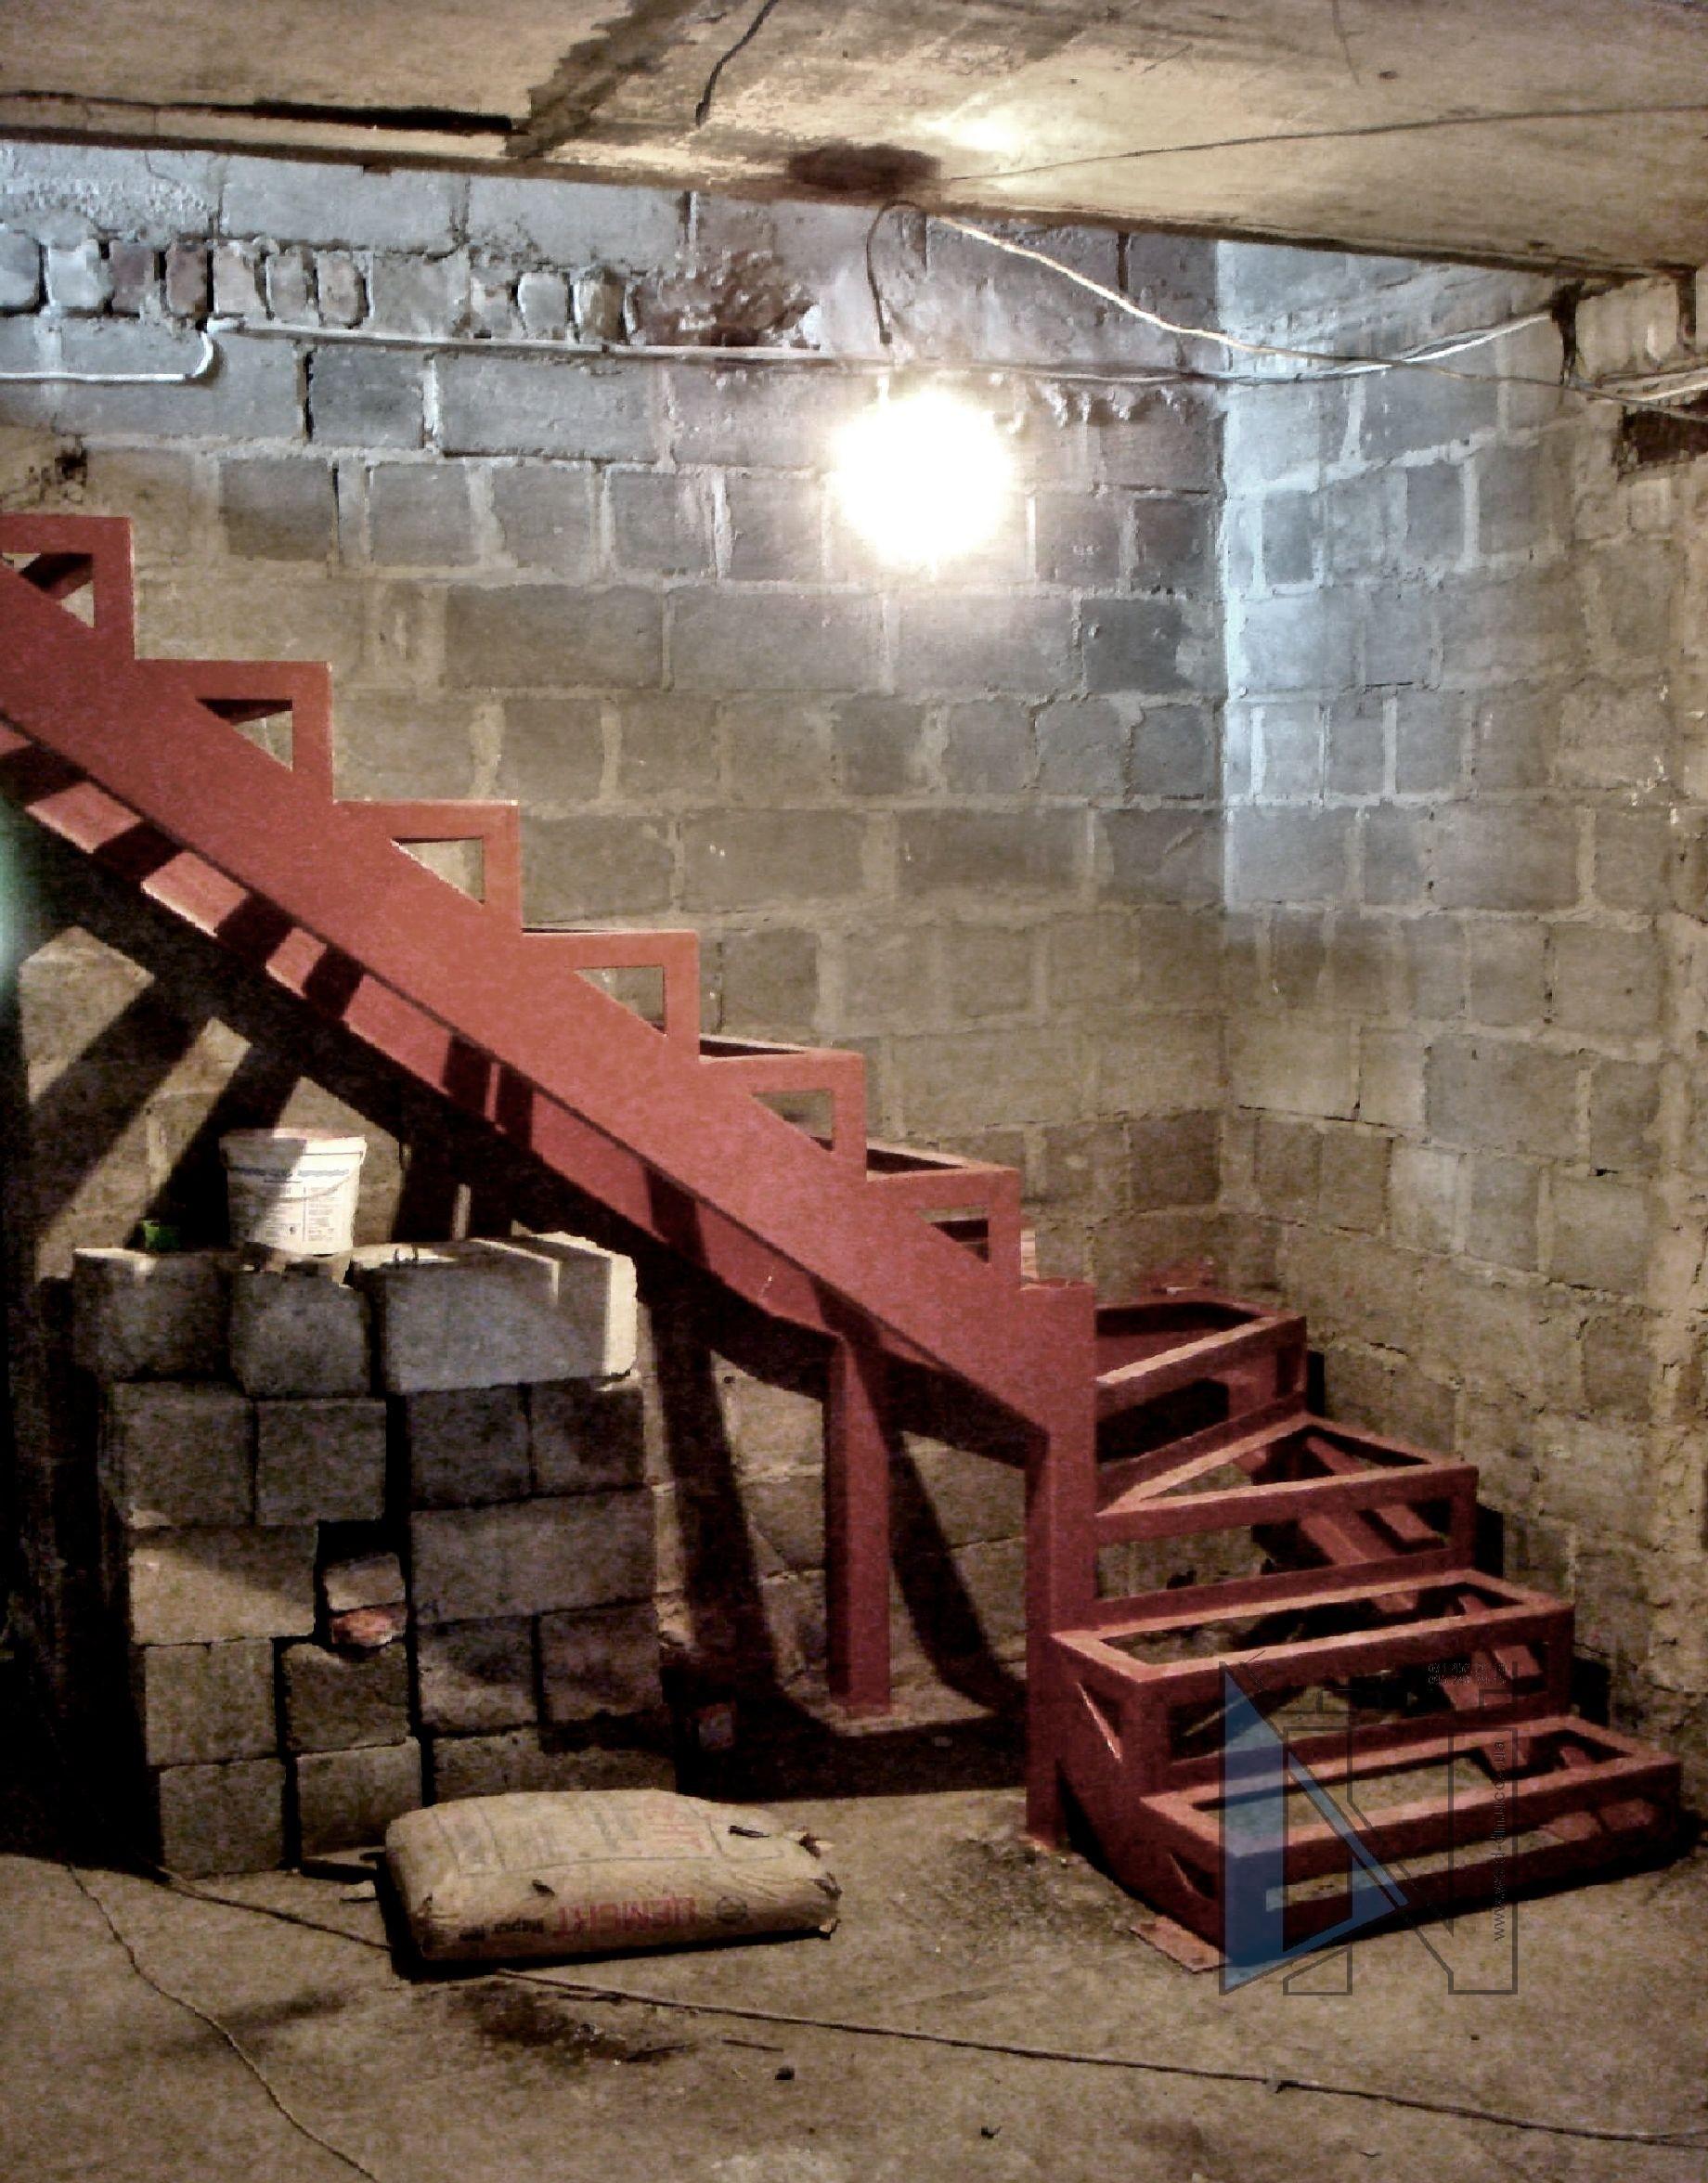 лестница Донецк изготовление металлических каркасов лестниц под обшивку ступенями из дерева лестницы Донецк